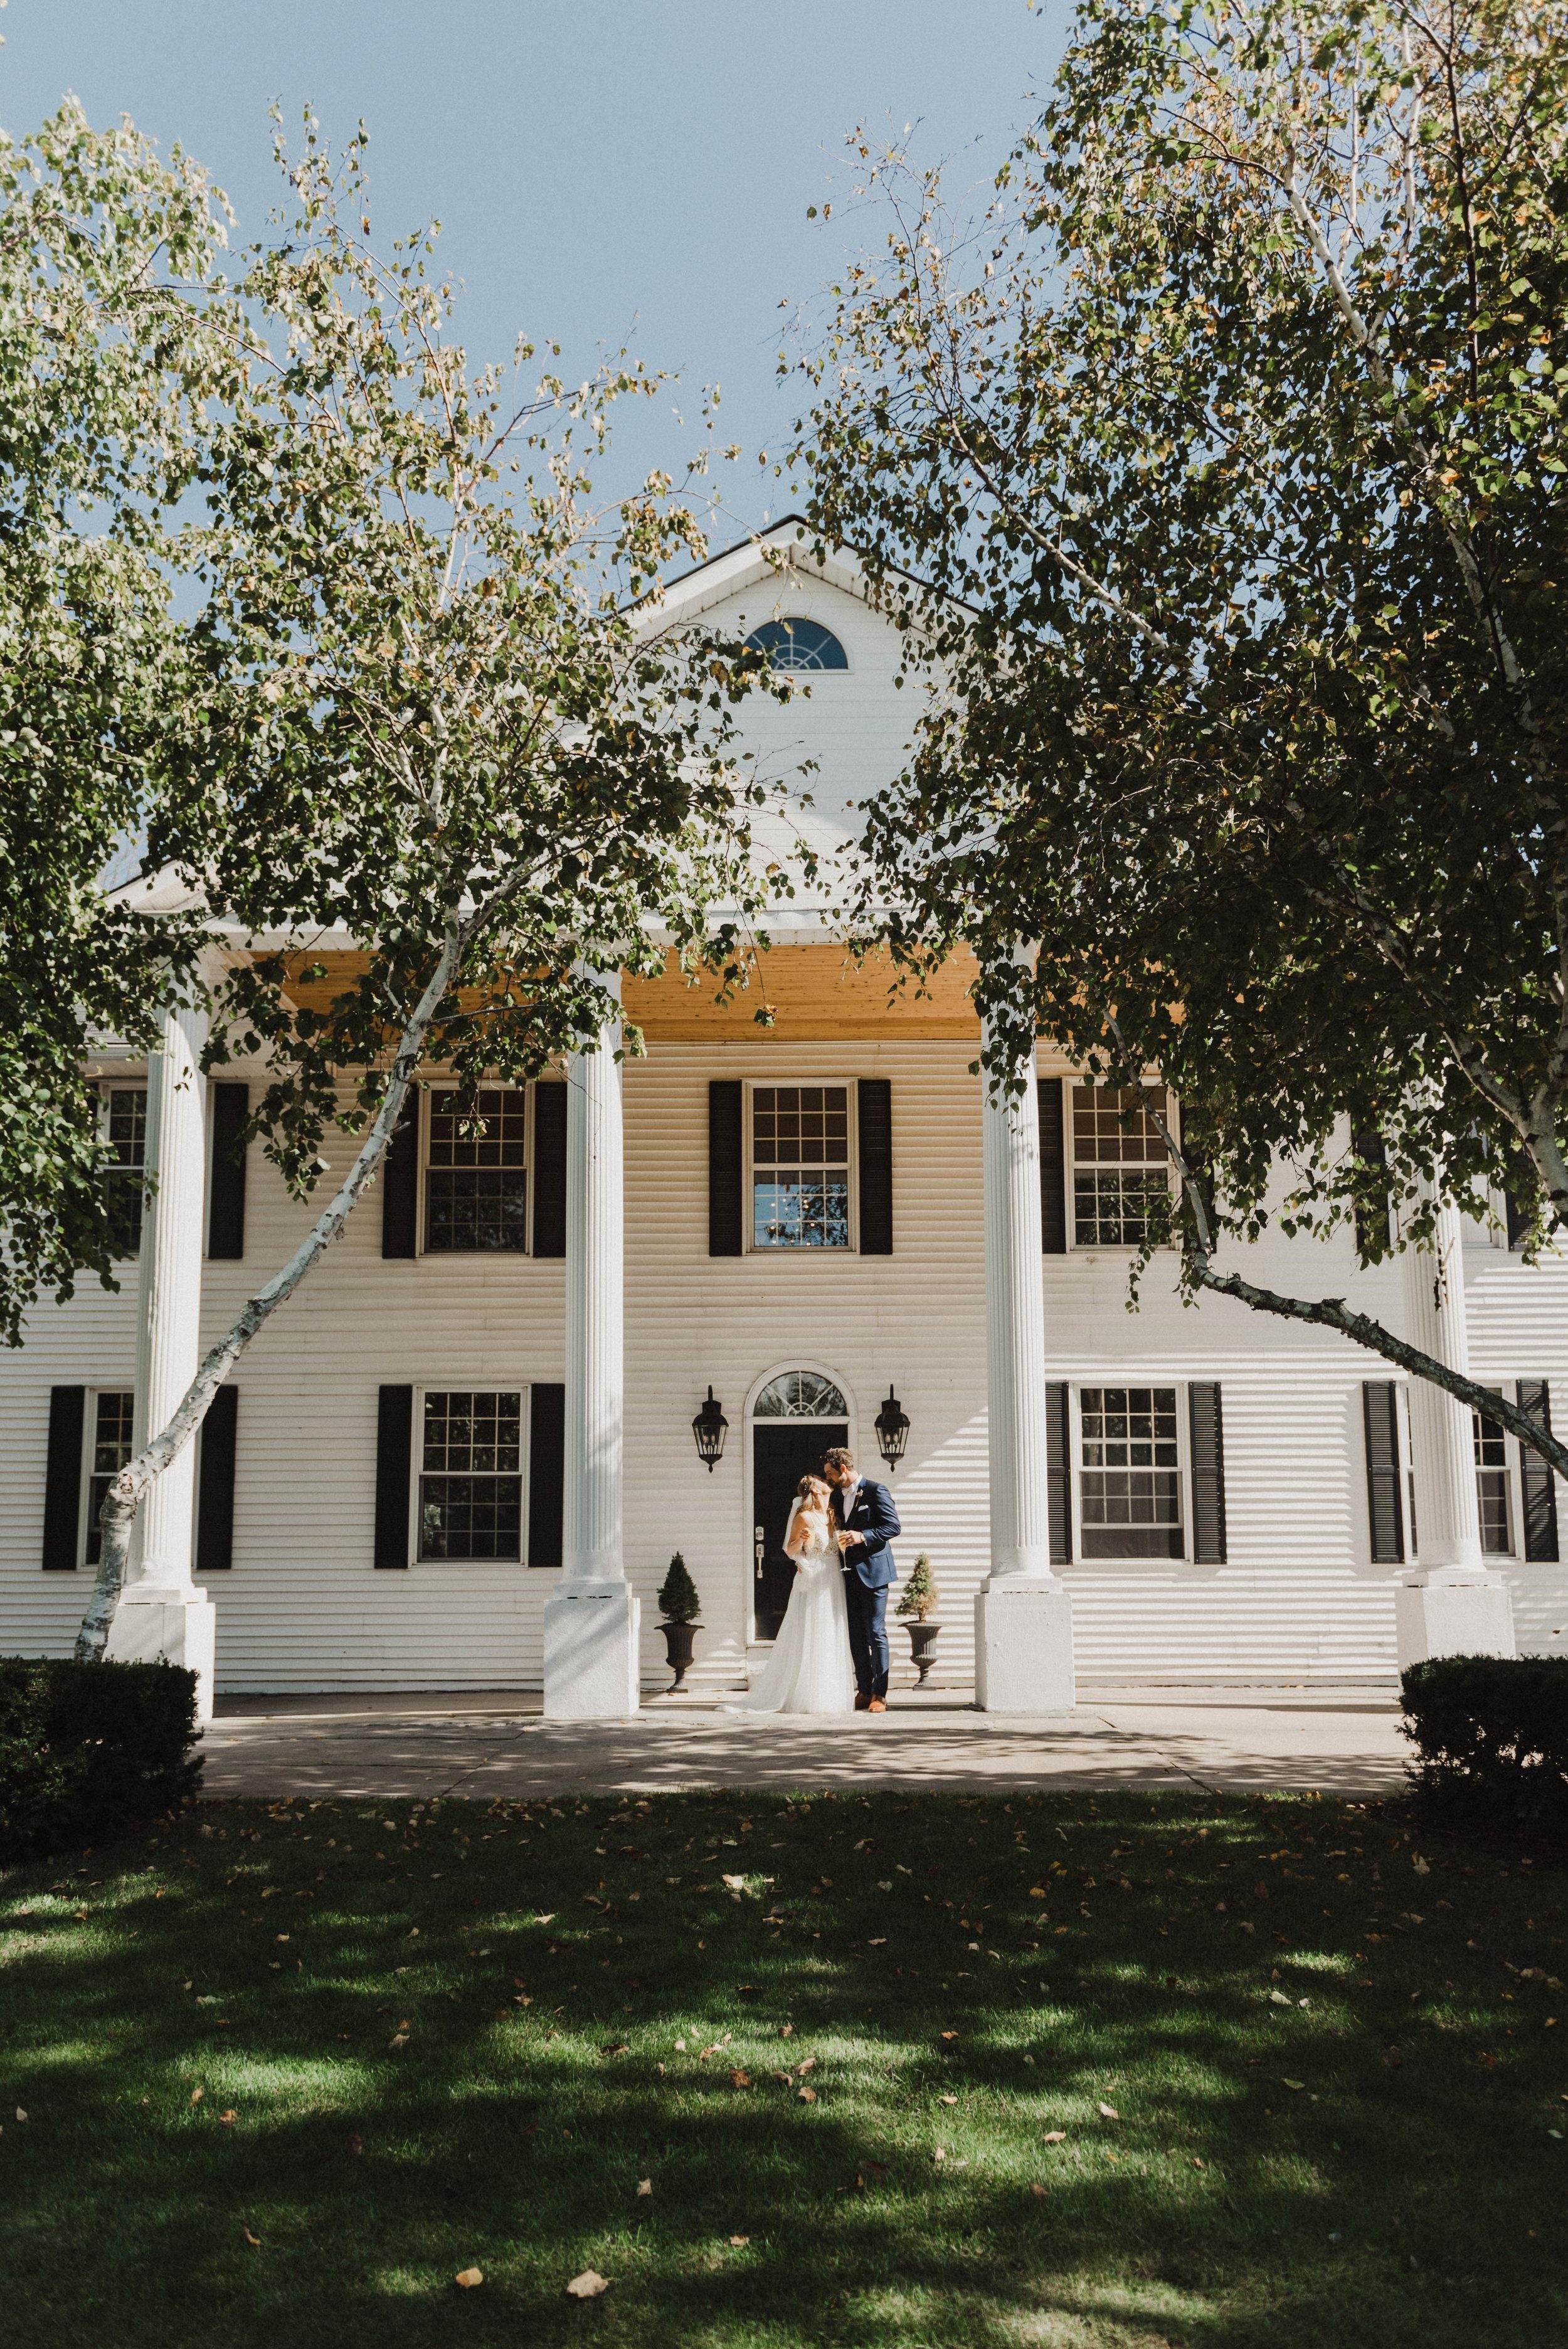 Elegant wedding at countryside estate.